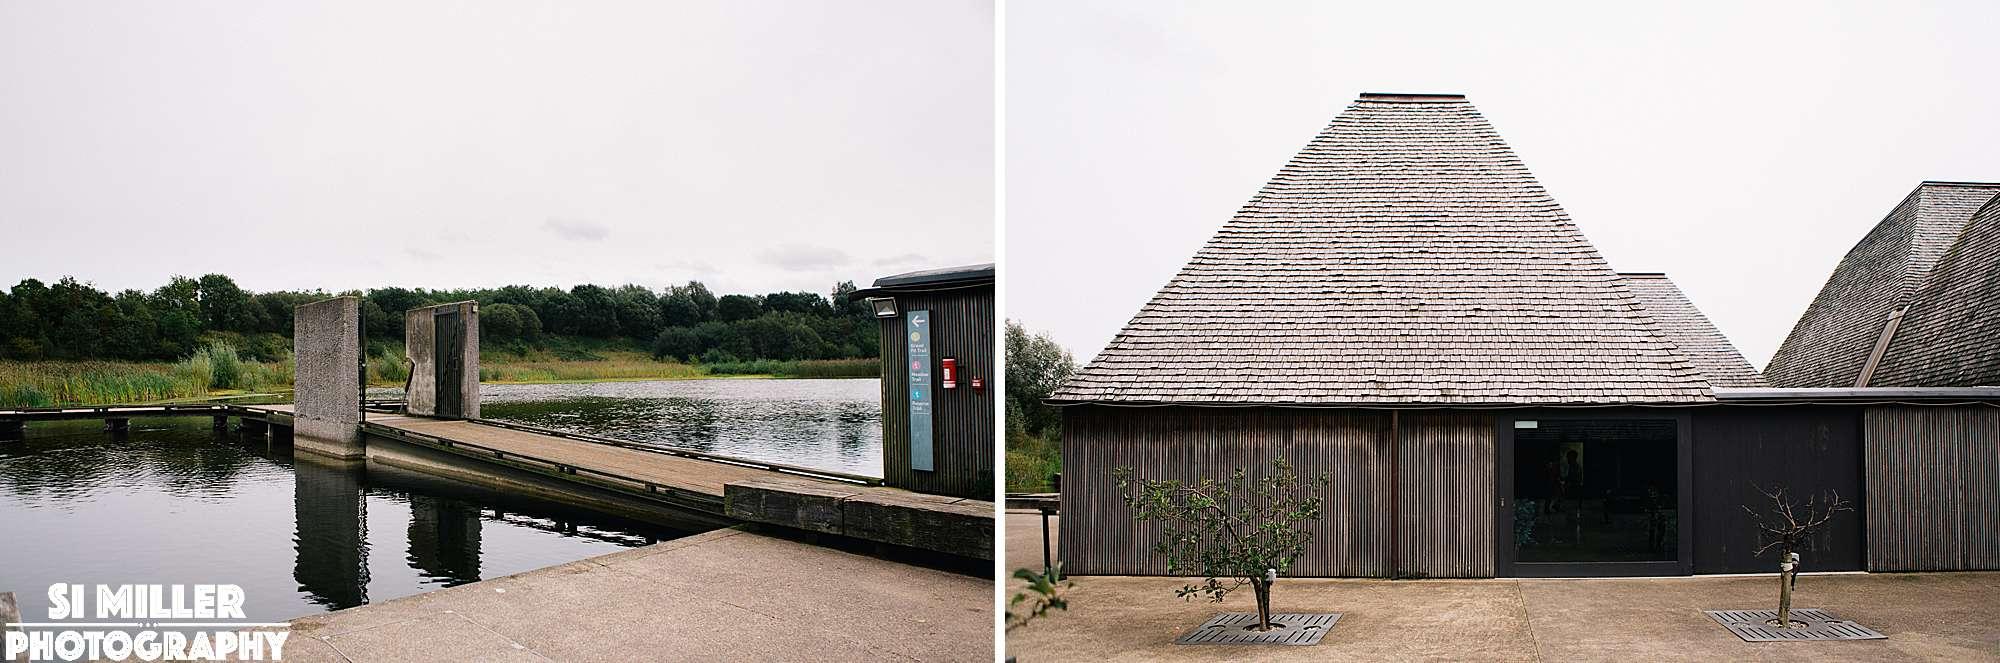 walk bridge to brockholes visitor centre floating island